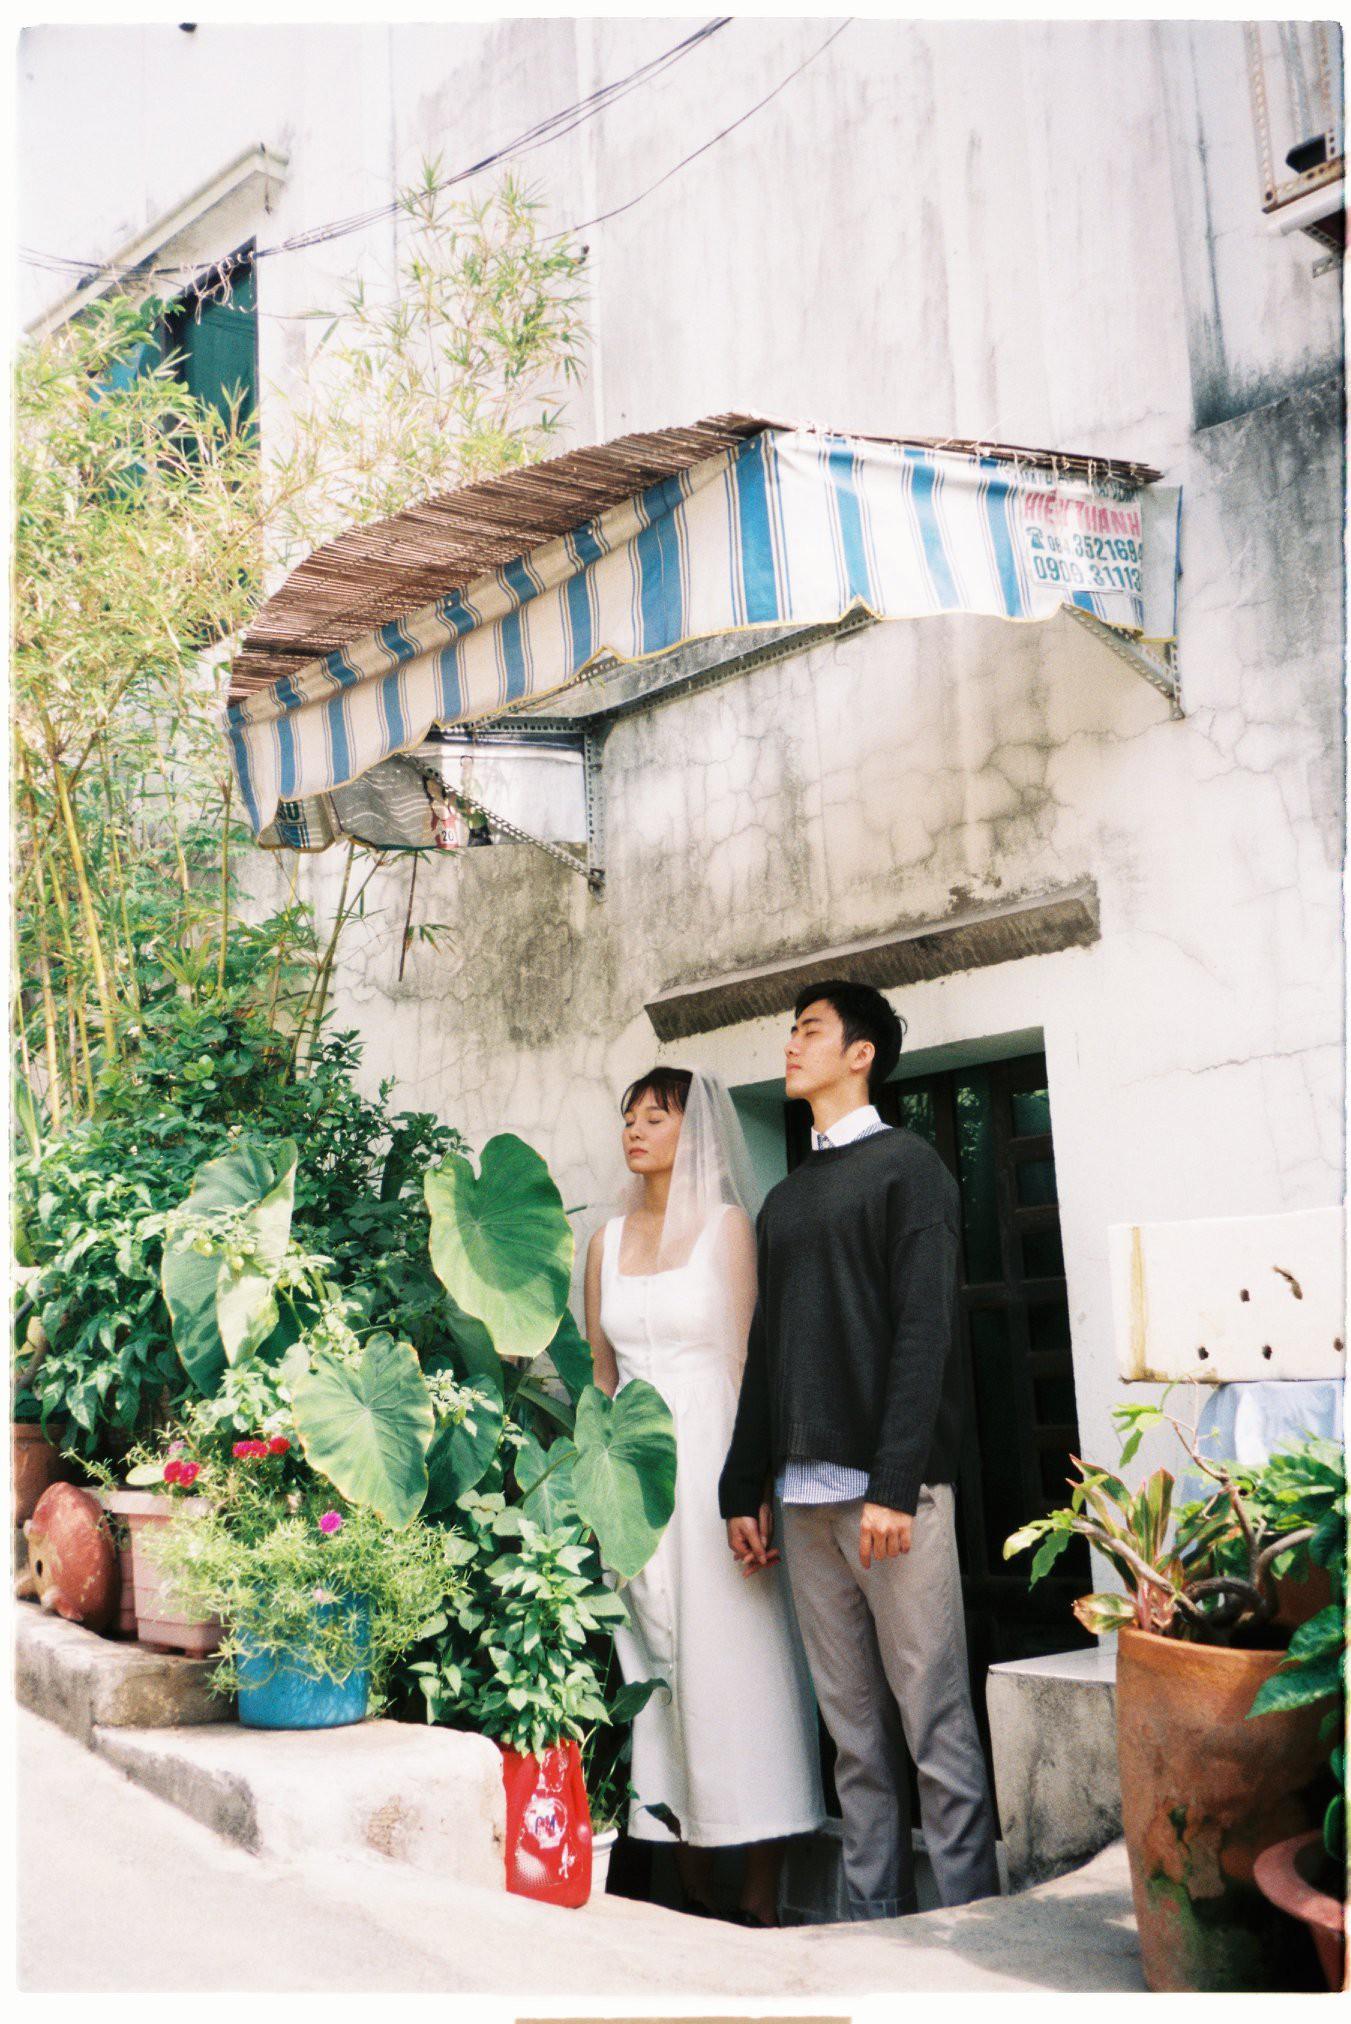 30 phút mượn vườn nhà bác hàng xóm, 9X Việt cho ra bộ ảnh cưới chất như film Hong Kong - Ảnh 3.